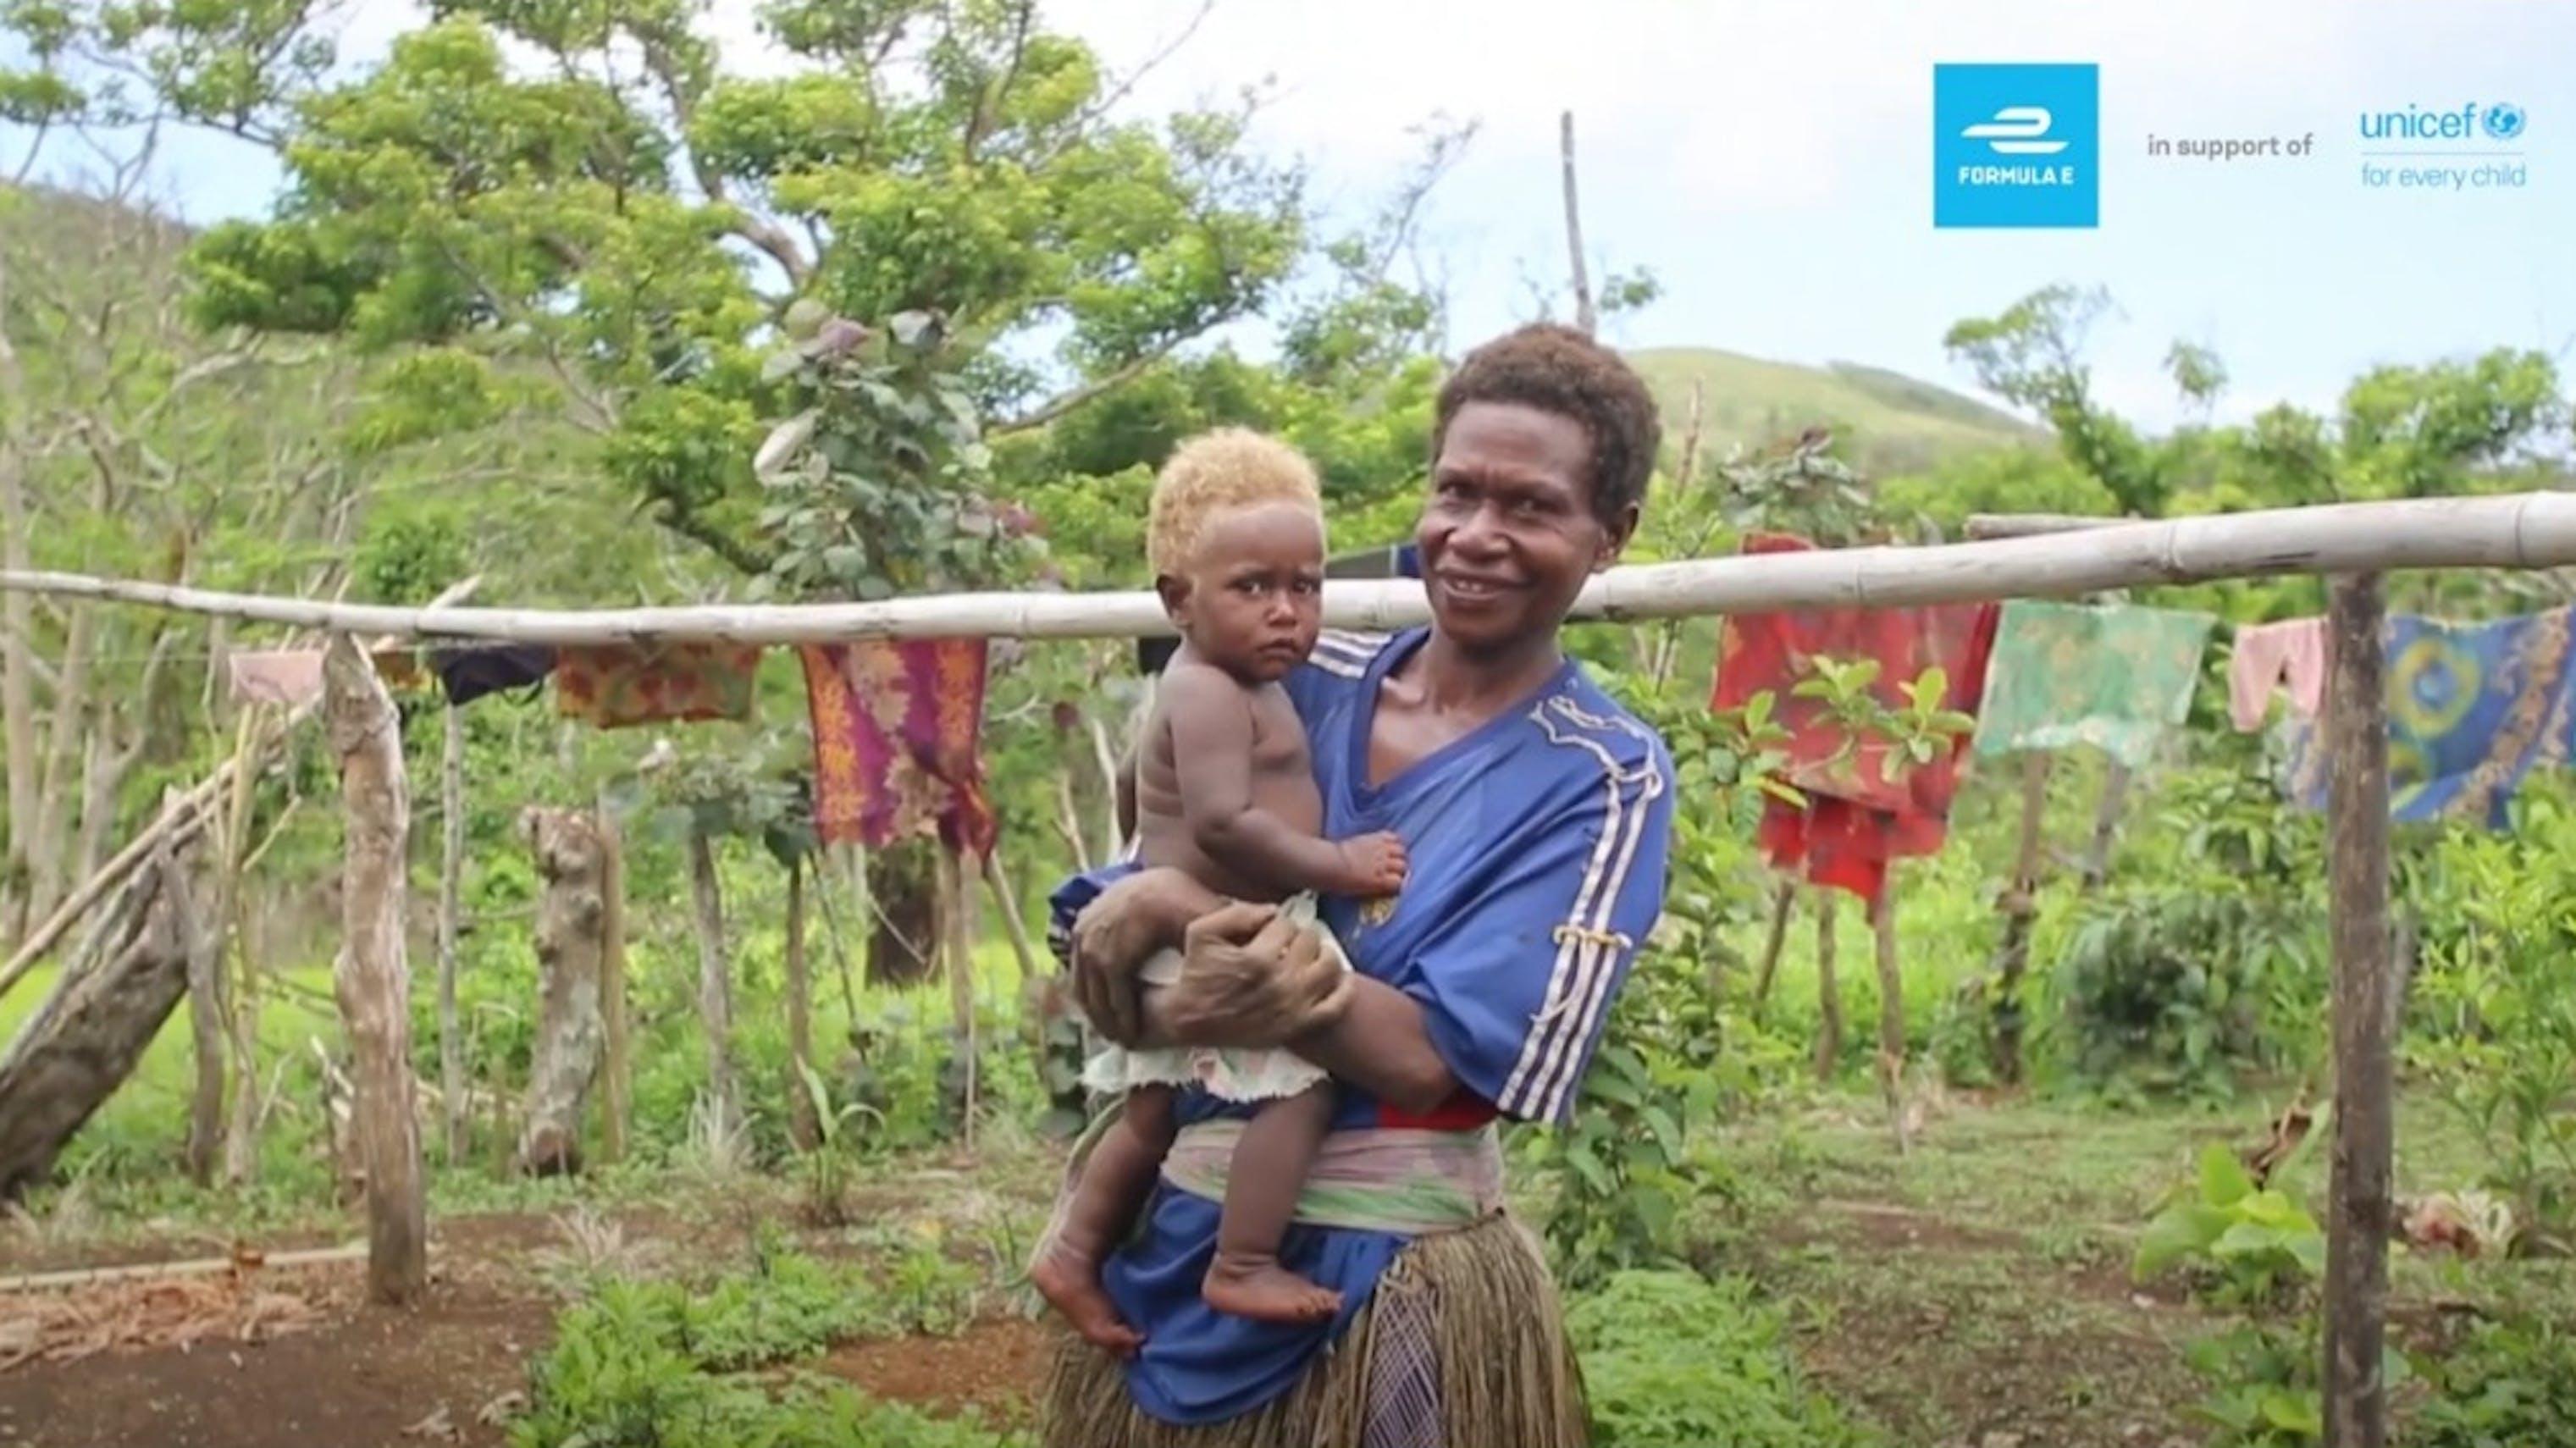 Una mamma con bambino in braccio